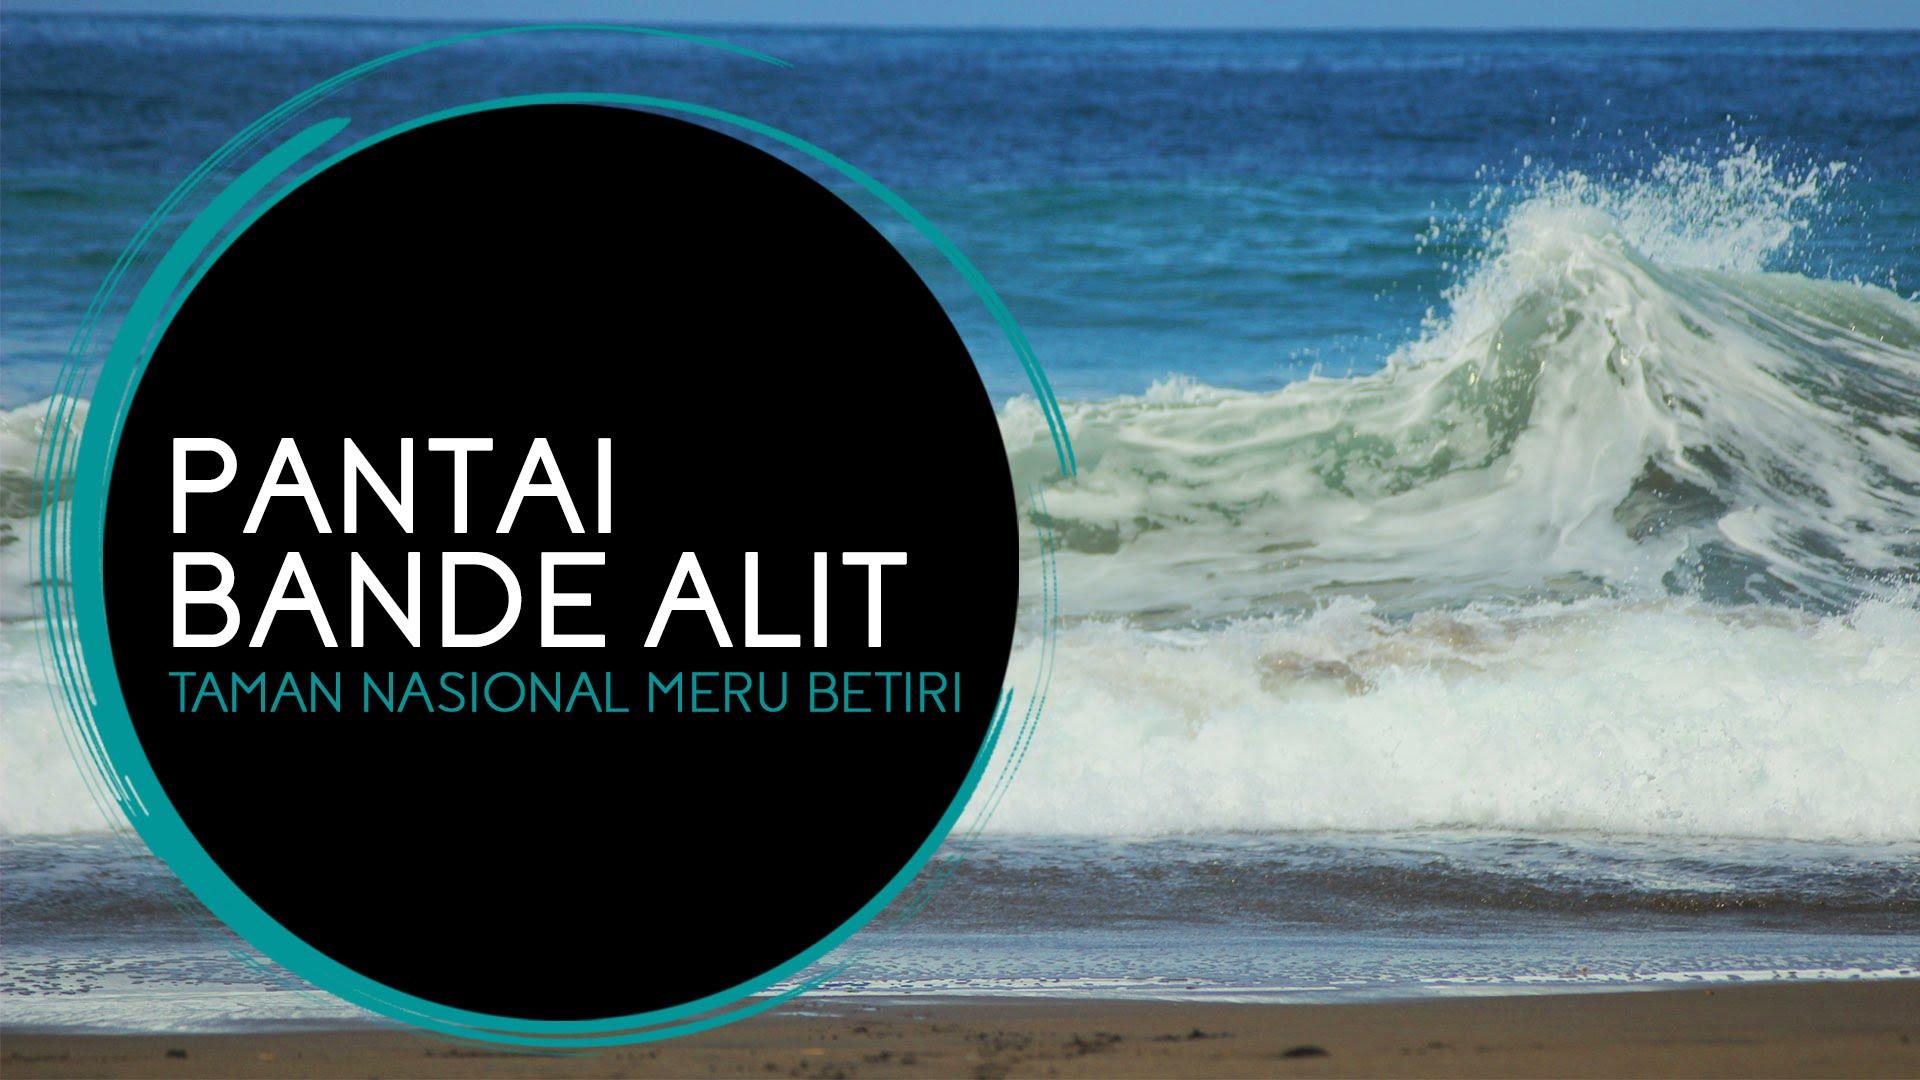 Pantai Bande Alit Taman Nasional Meru Betiri Youtube Kab Jember